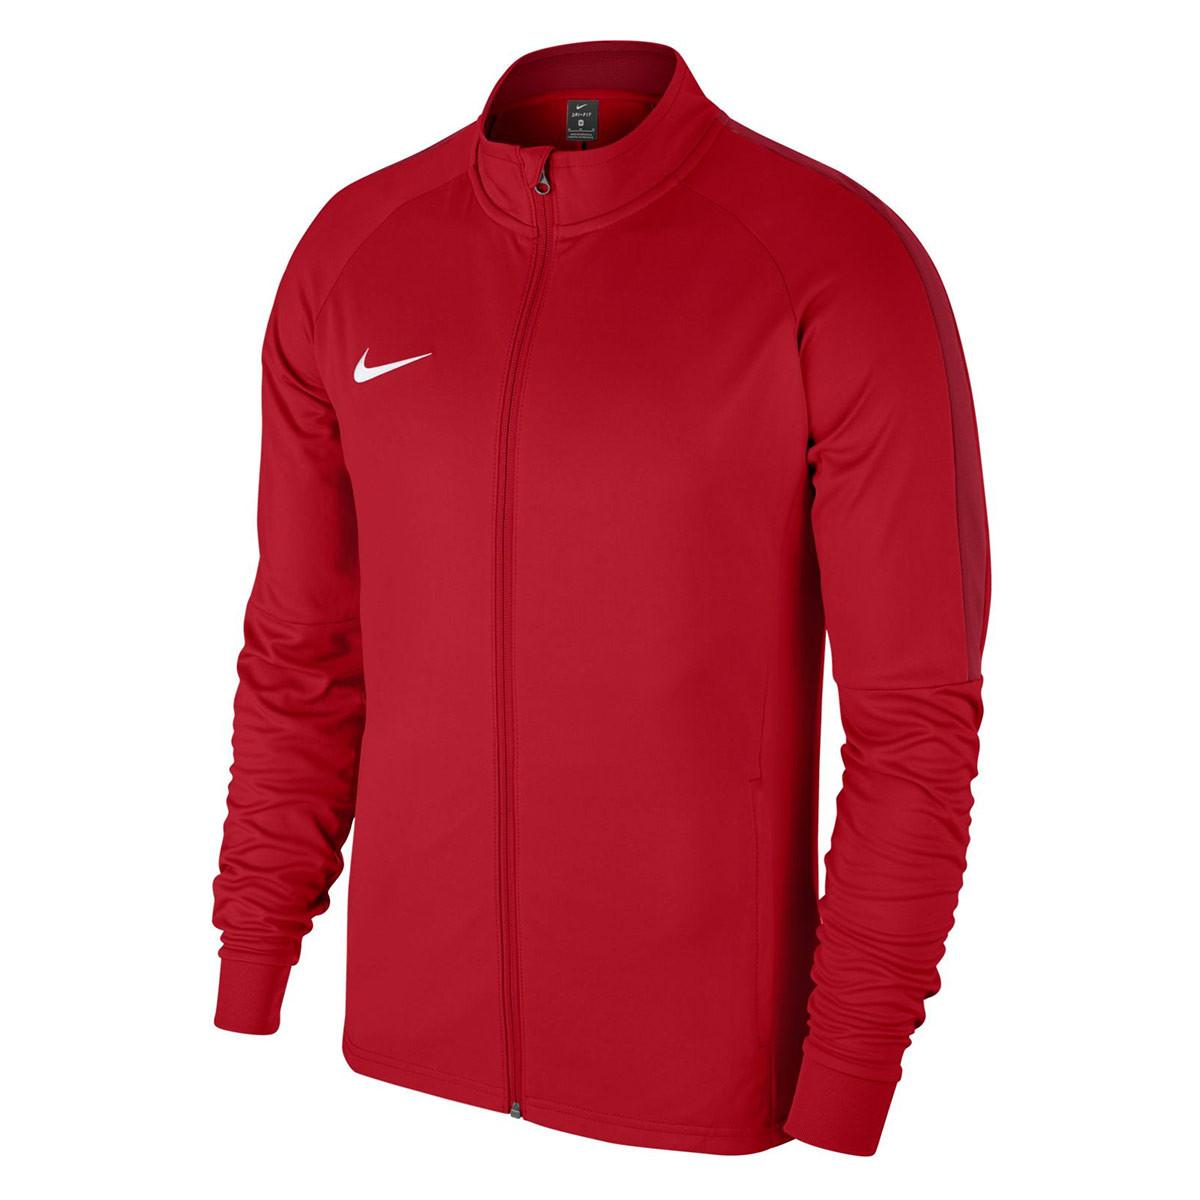 Veste Nike Academy 18 Knit